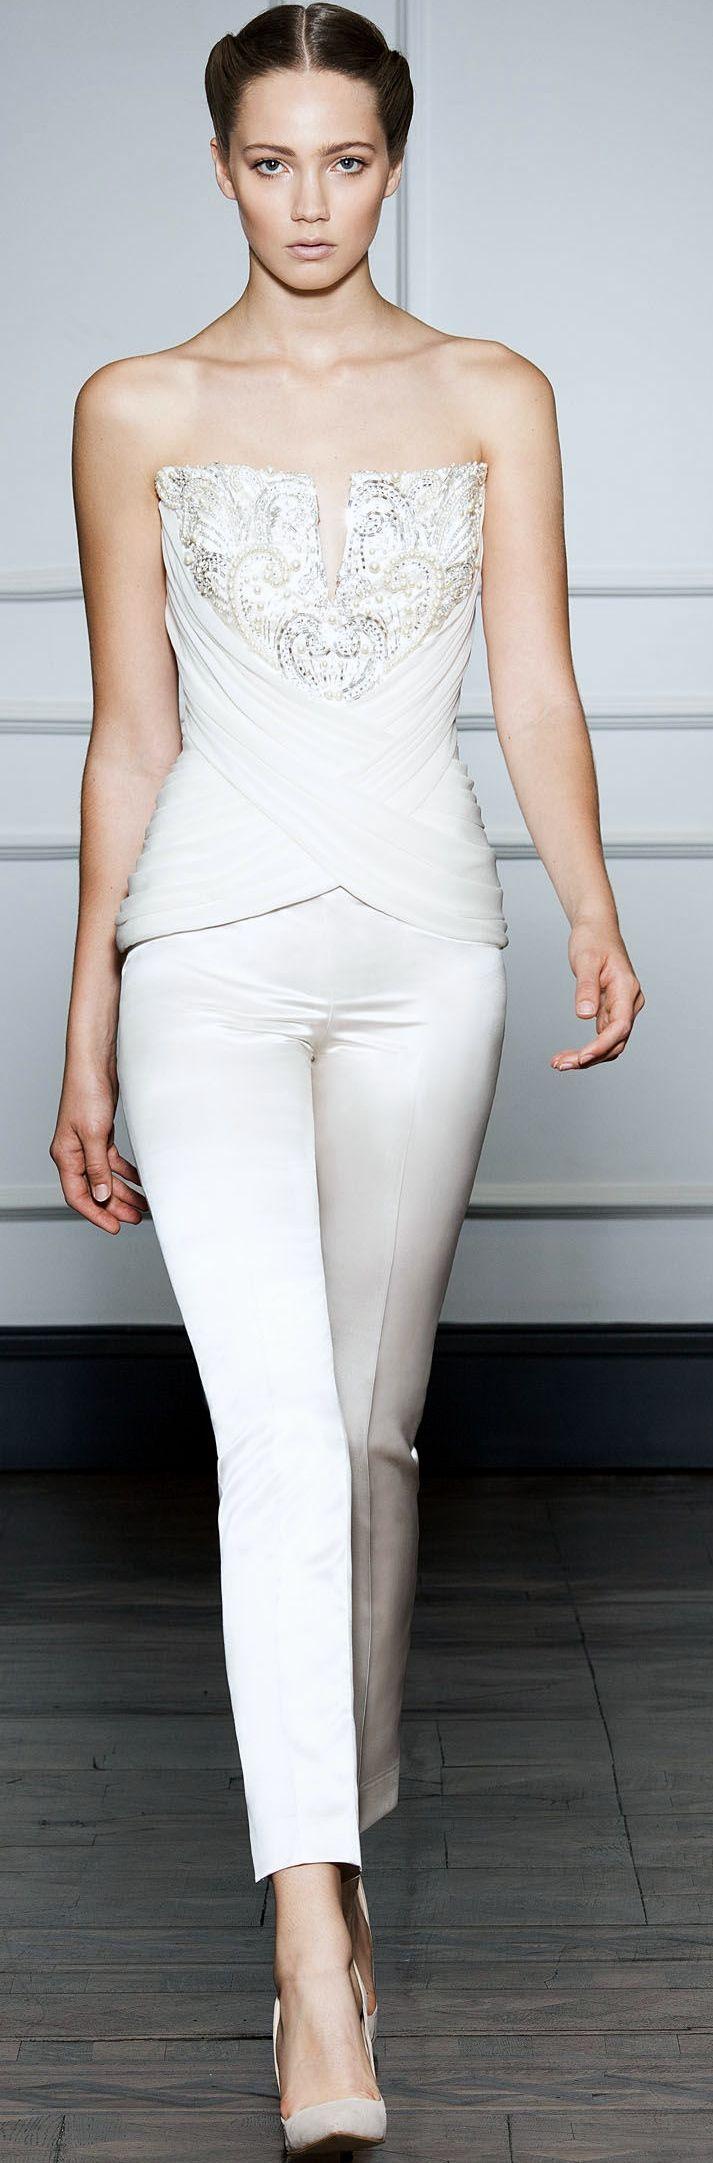 Top bustier brodé de perles et pantalon de mariée - Tenue: Dilek Hanif Couture FW 2014 - 2015 - La Fiancée du Panda blog Mariage et Lifestyle